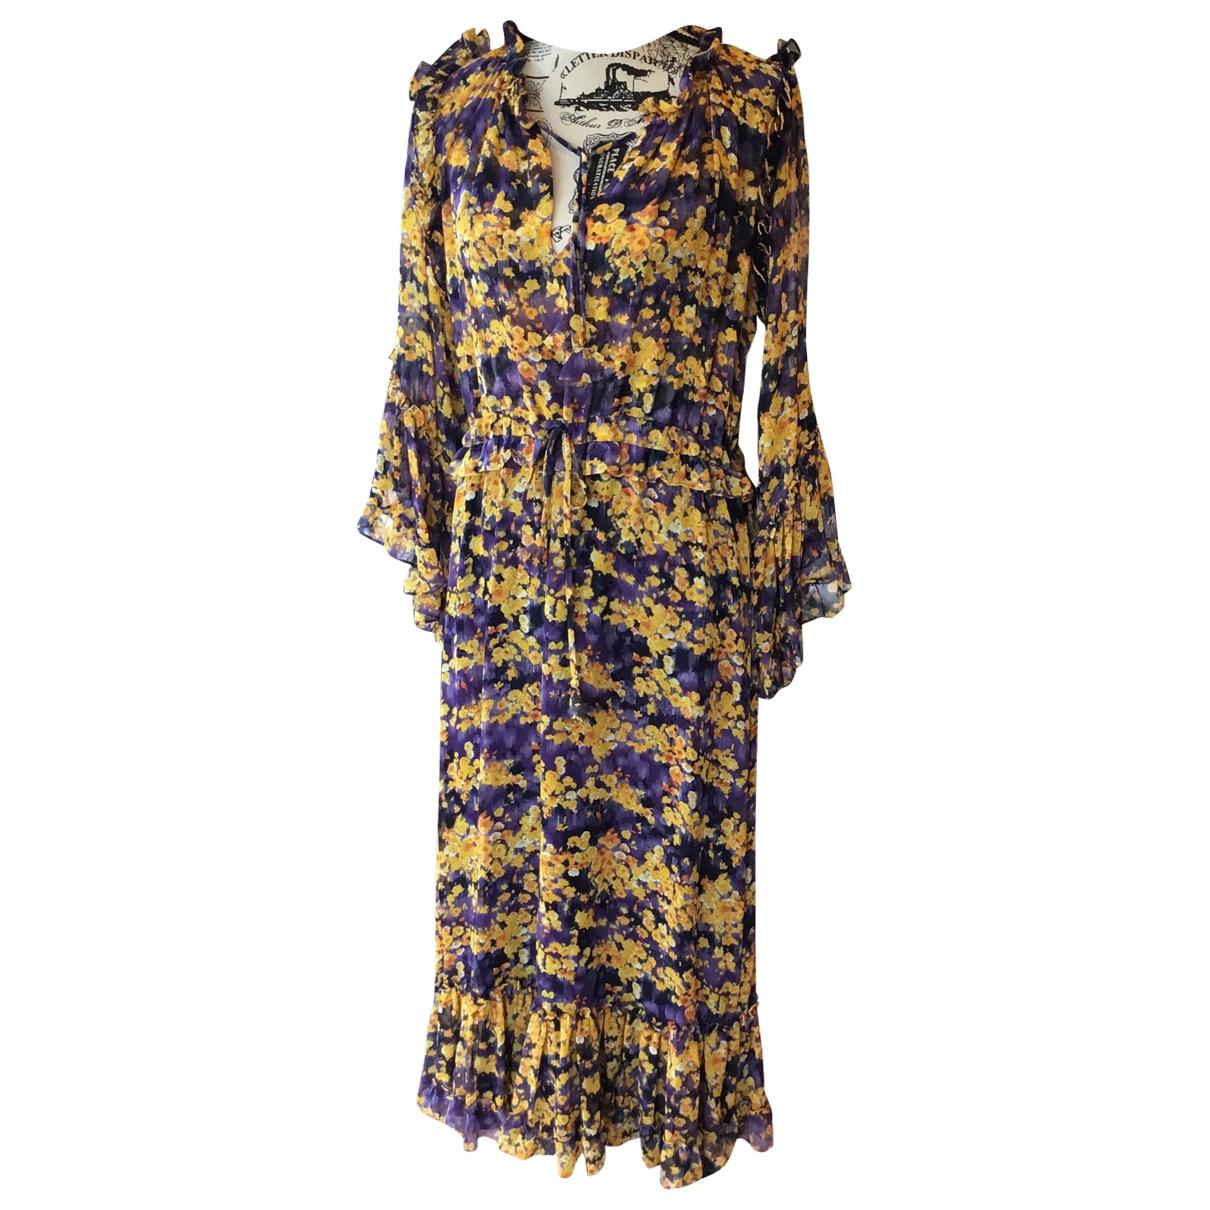 Misa - Robe   pour femme - multicolore